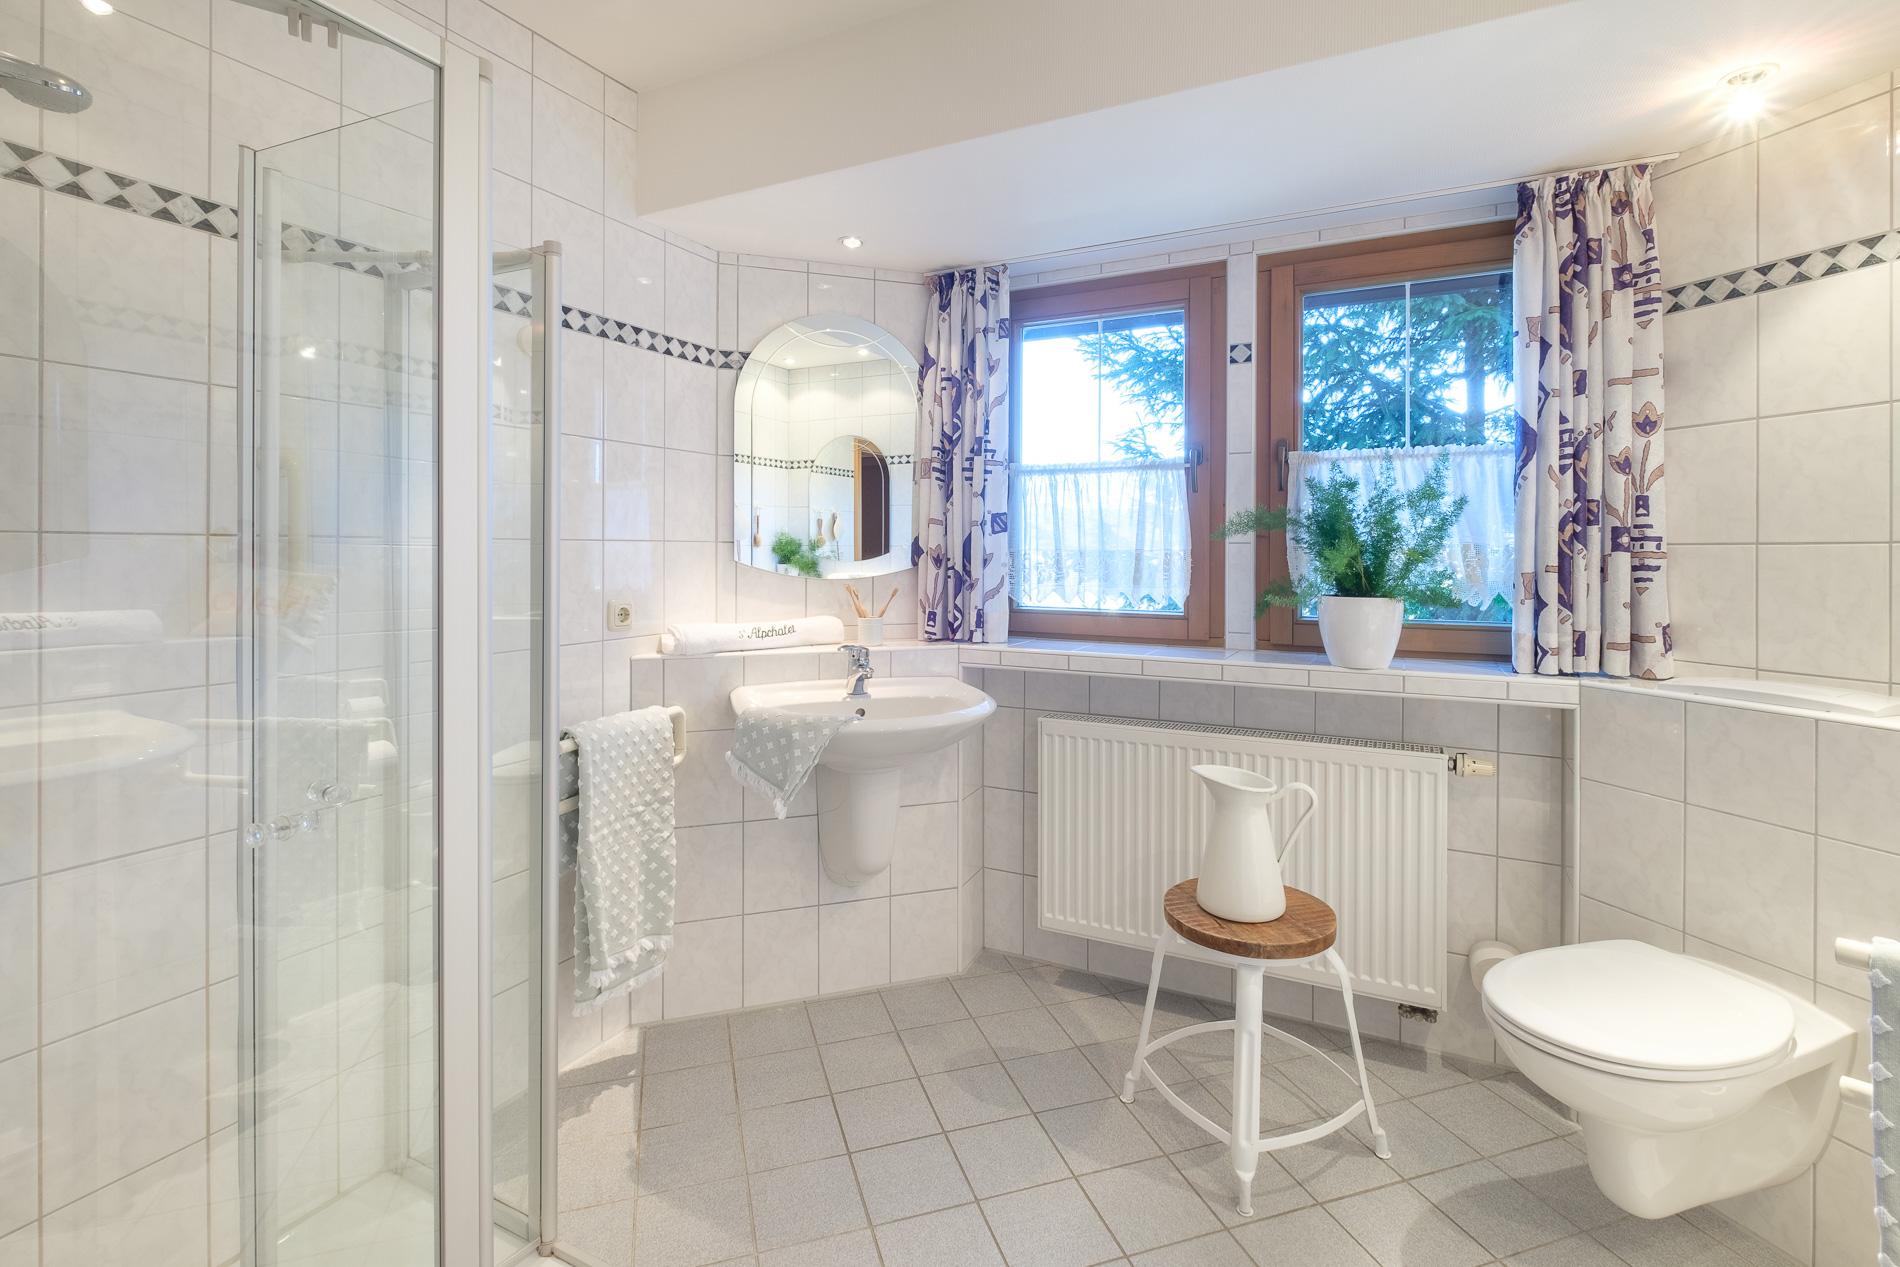 Badezimmer mit 2 separaten Waschbecken, bodenbündiger Dusche sowie viel Tageslicht.